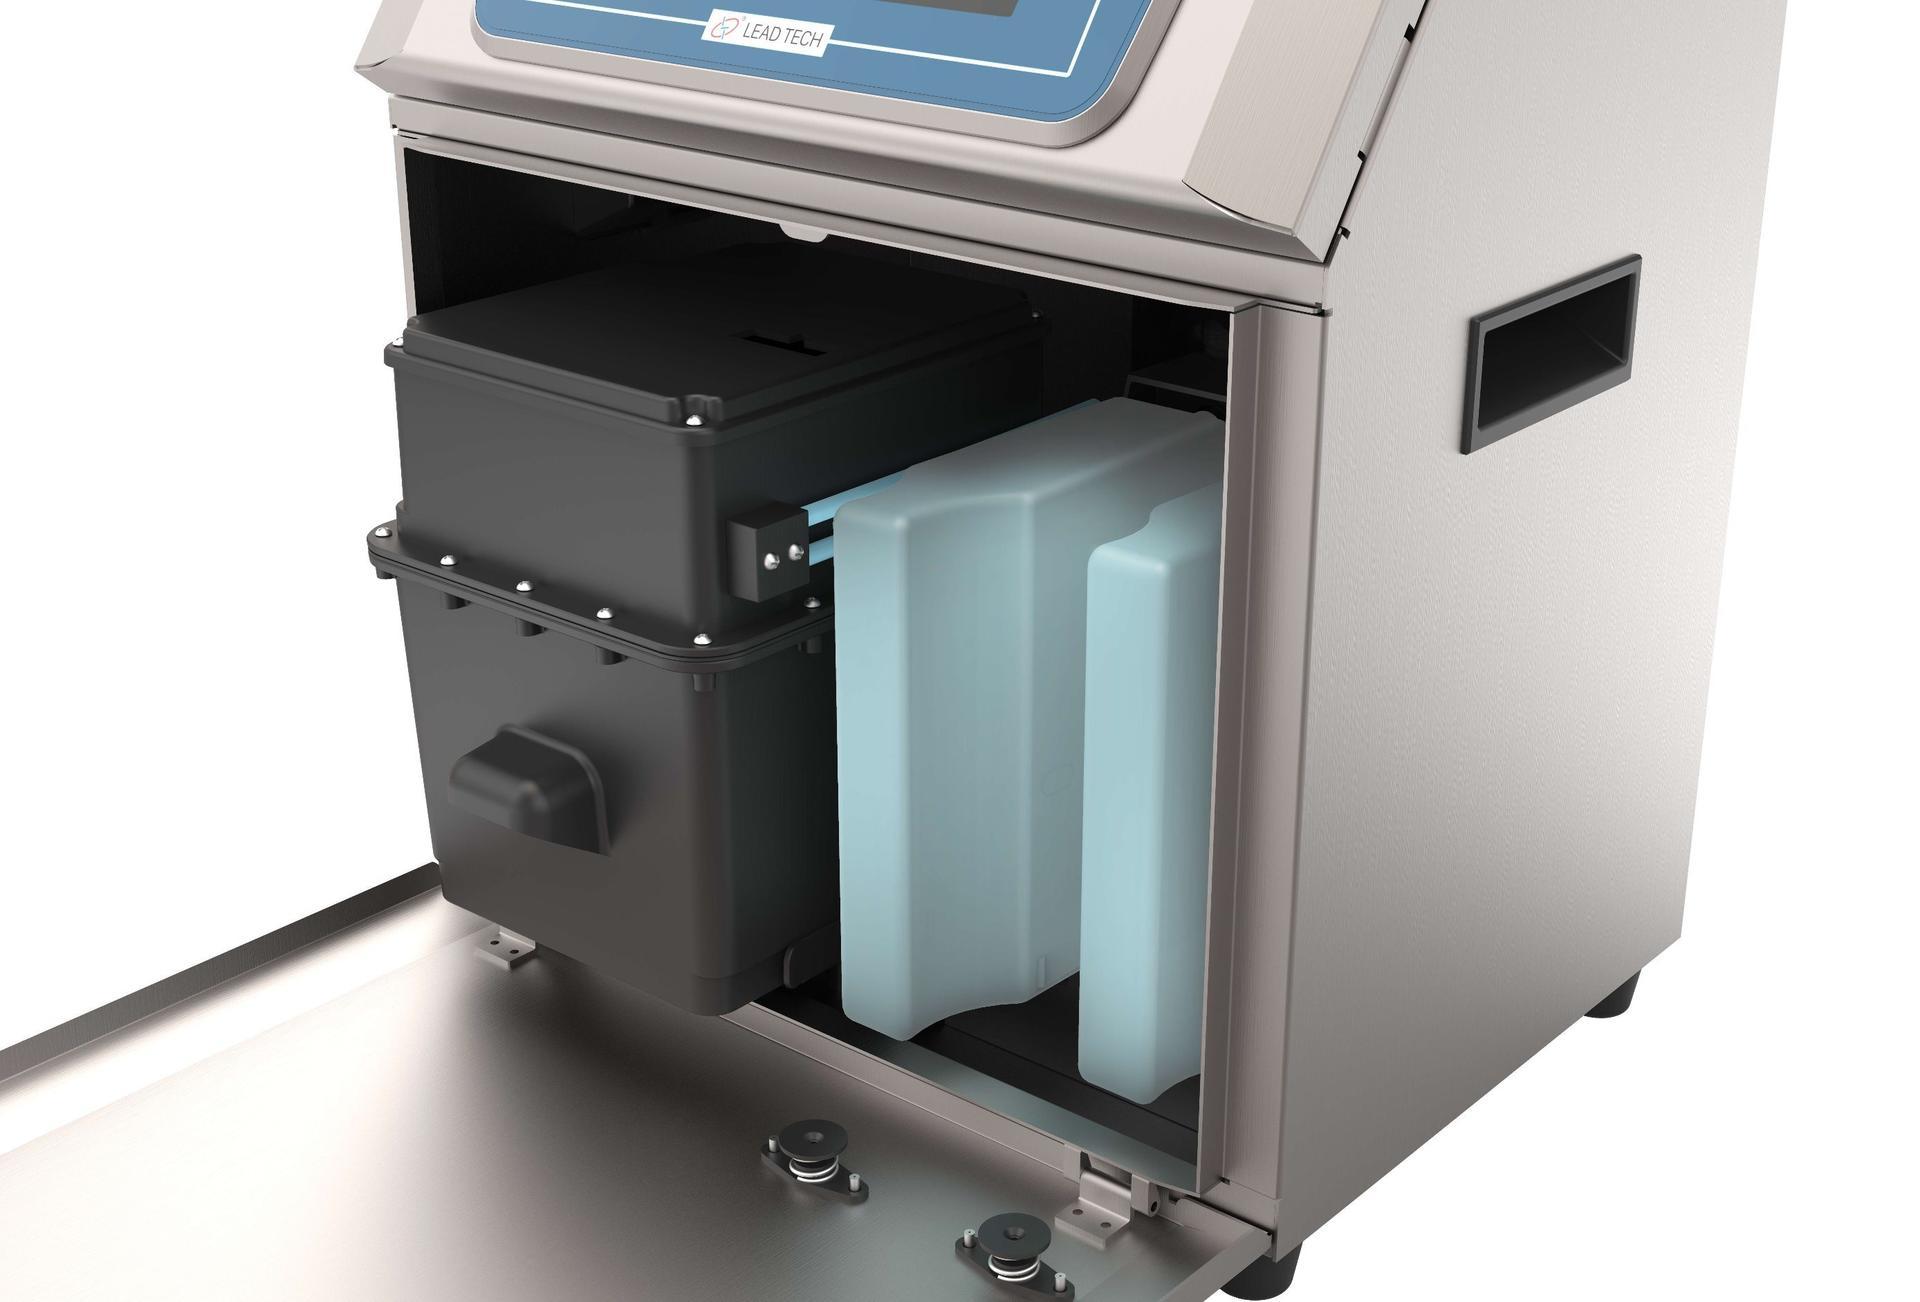 Lt800 Egg Coding Printer Cij Inkjet Printer